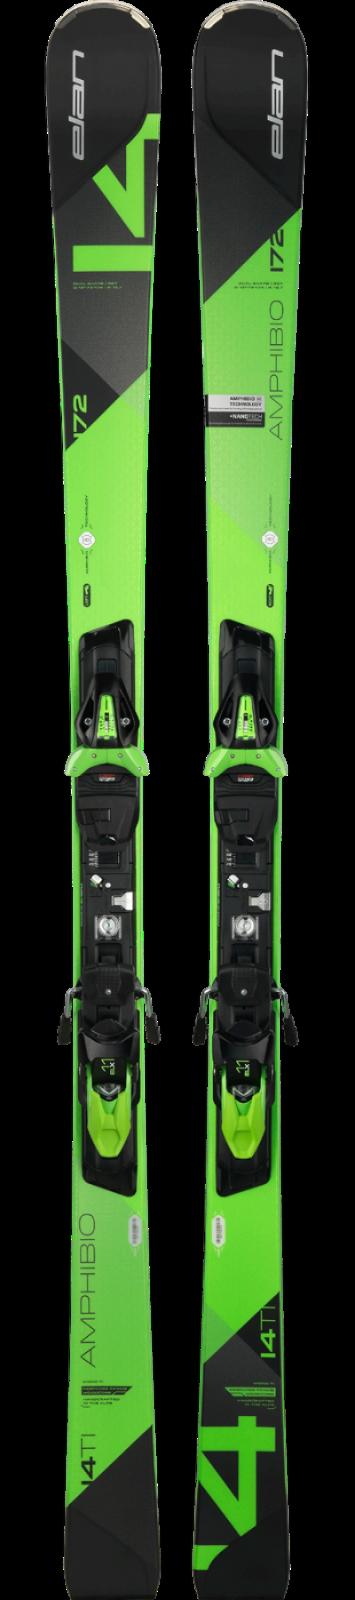 ELAN Amphibio 14 TI Fusion + EL 11 Längenwahl 2018/2019 NEUWARE NEUWARE 2018/2019  GRATIS MONTAGE 6af83b